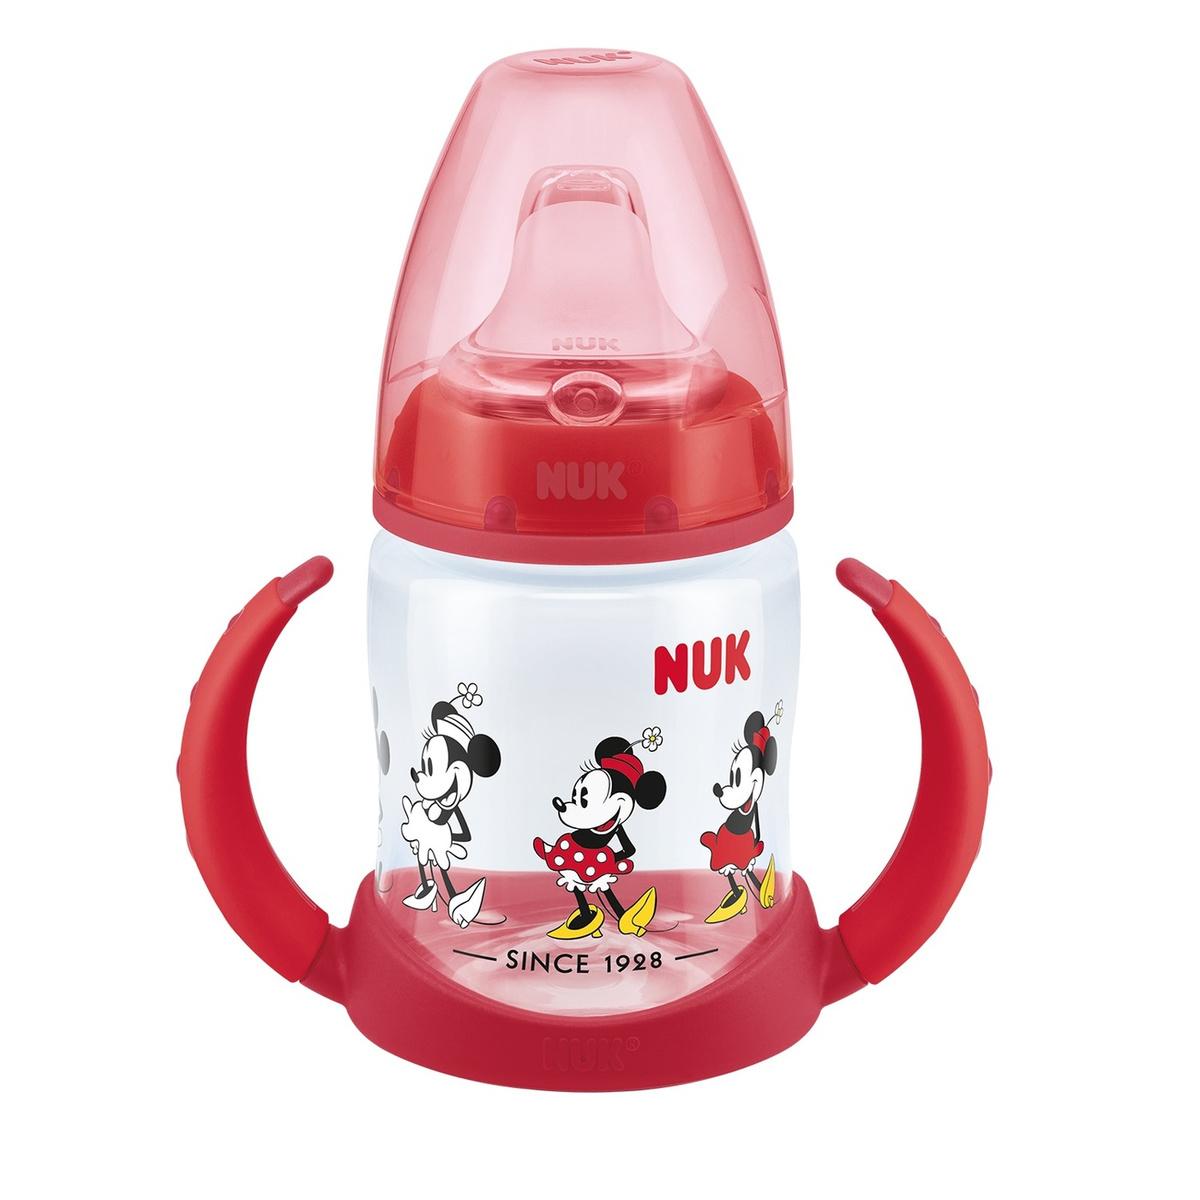 NUK FС+ ДИСНЕЙ Микки Маус Обучающая бутылочка с силиконовой насадкой, 150 мл - красная  #1